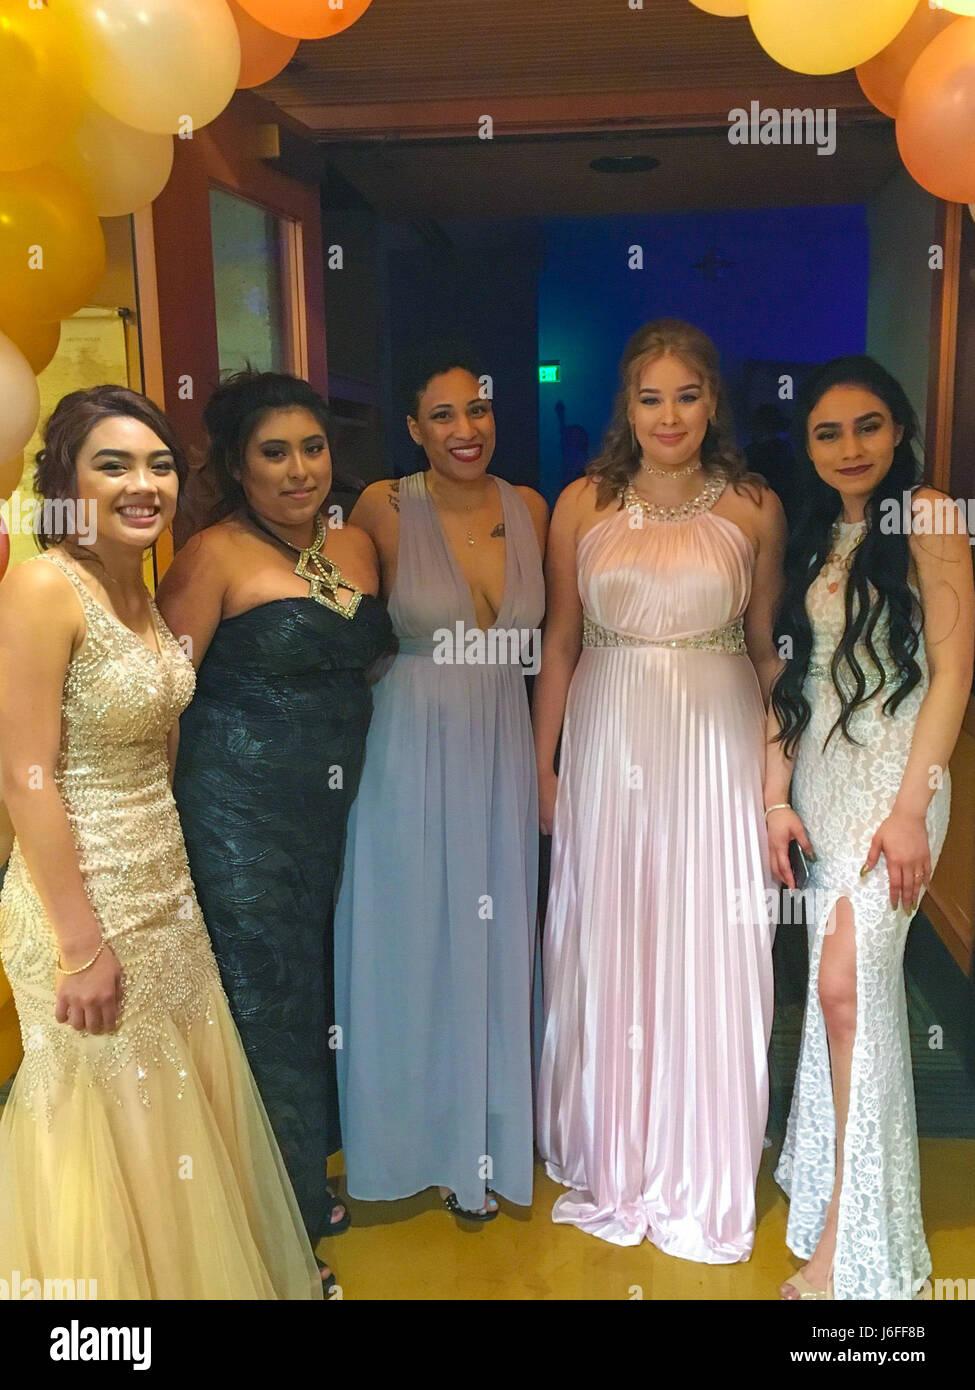 Senior Prom Stockfotos & Senior Prom Bilder - Alamy